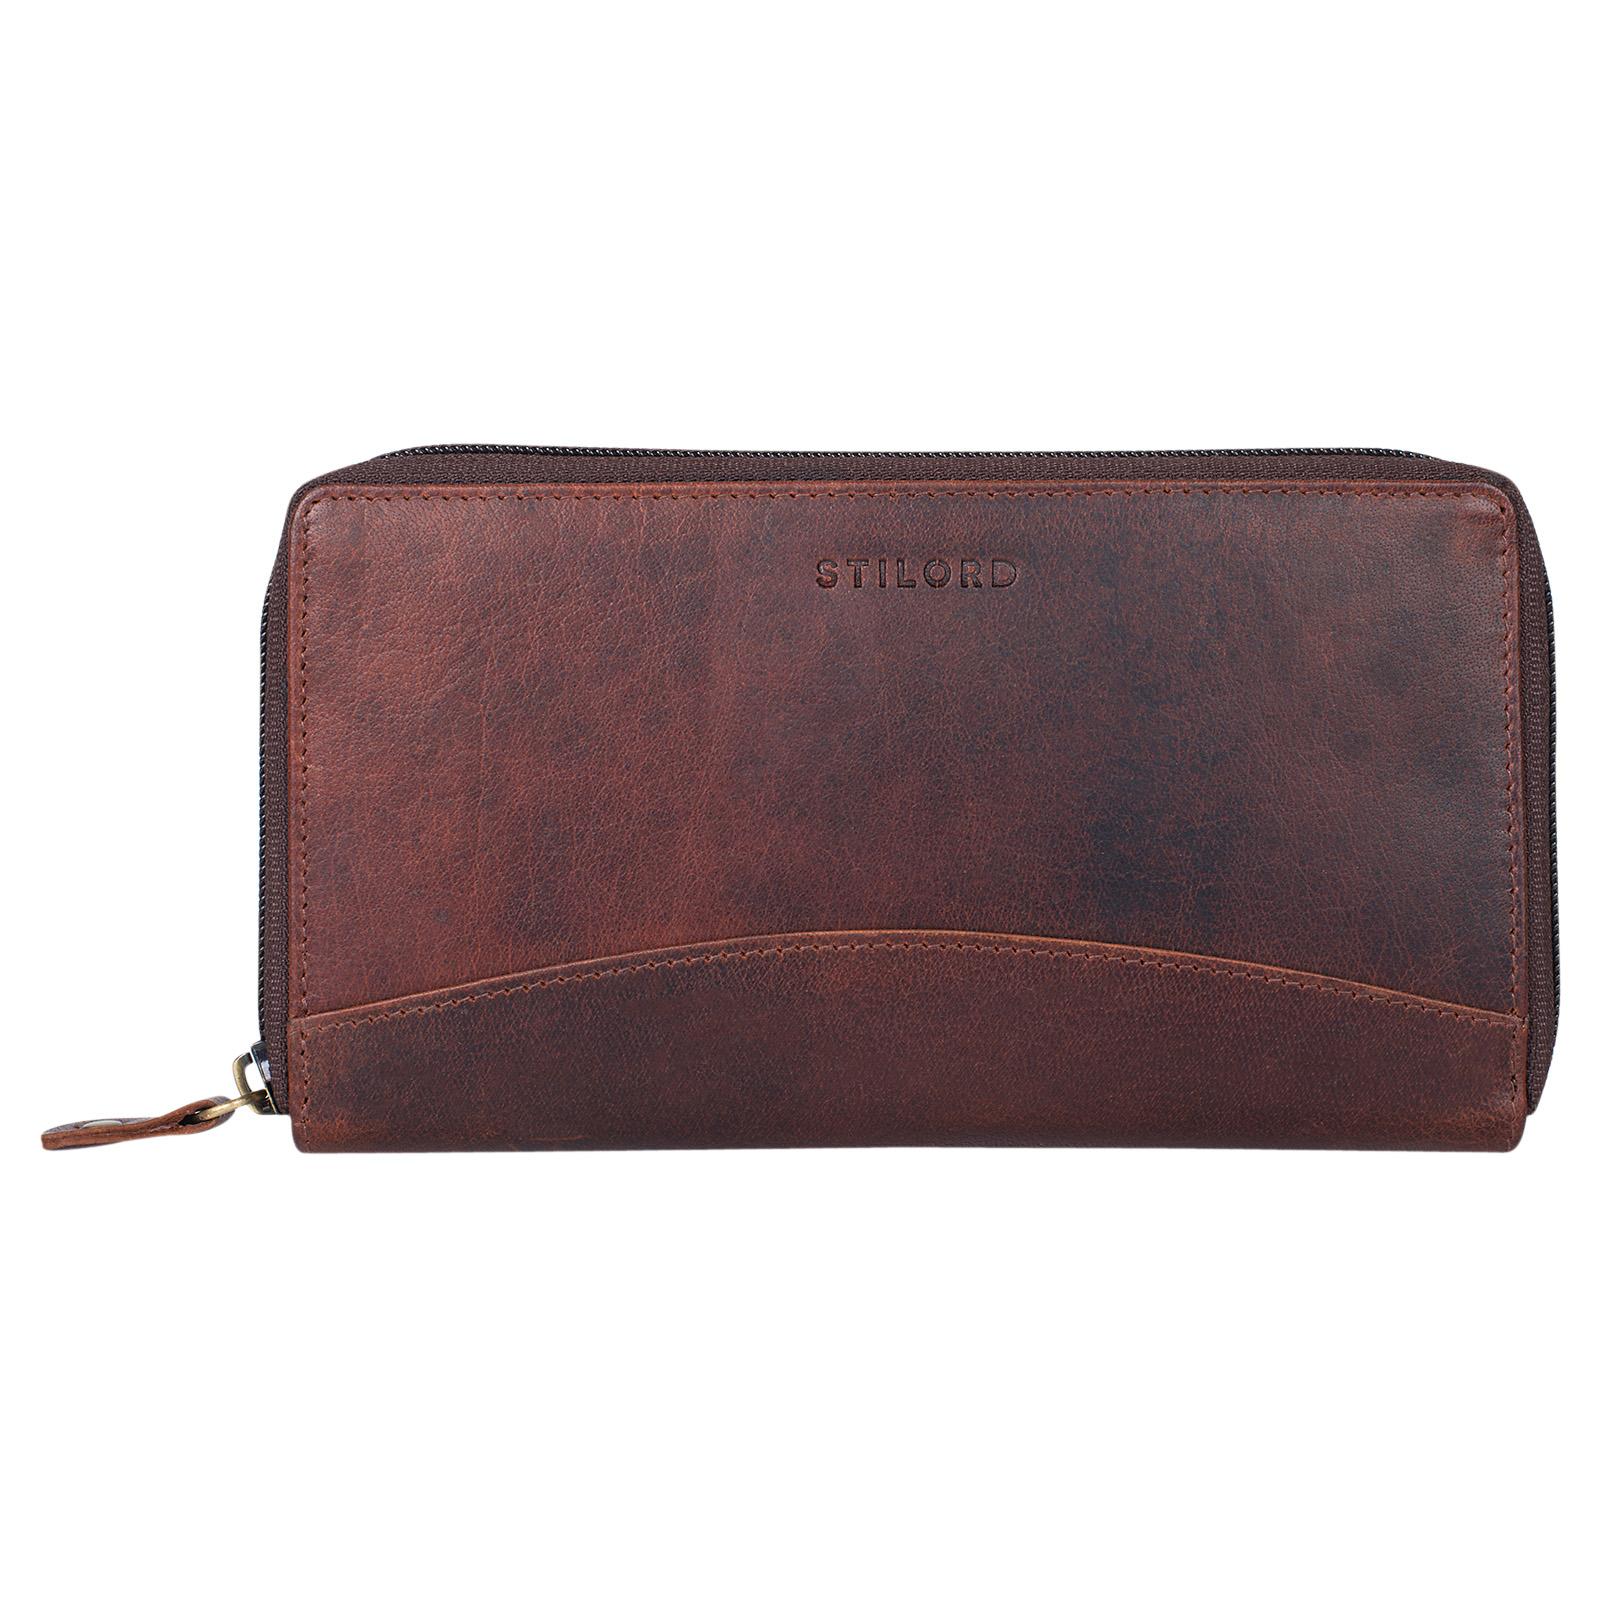 """STILORD """"Saskia"""" Portemonnaie Damen Leder groß viele Fächer Vintage Brieftasche im Querformat Geldbörse mit Reißverschluss für EC-Karten Kleingeld Ausweis - Bild 14"""